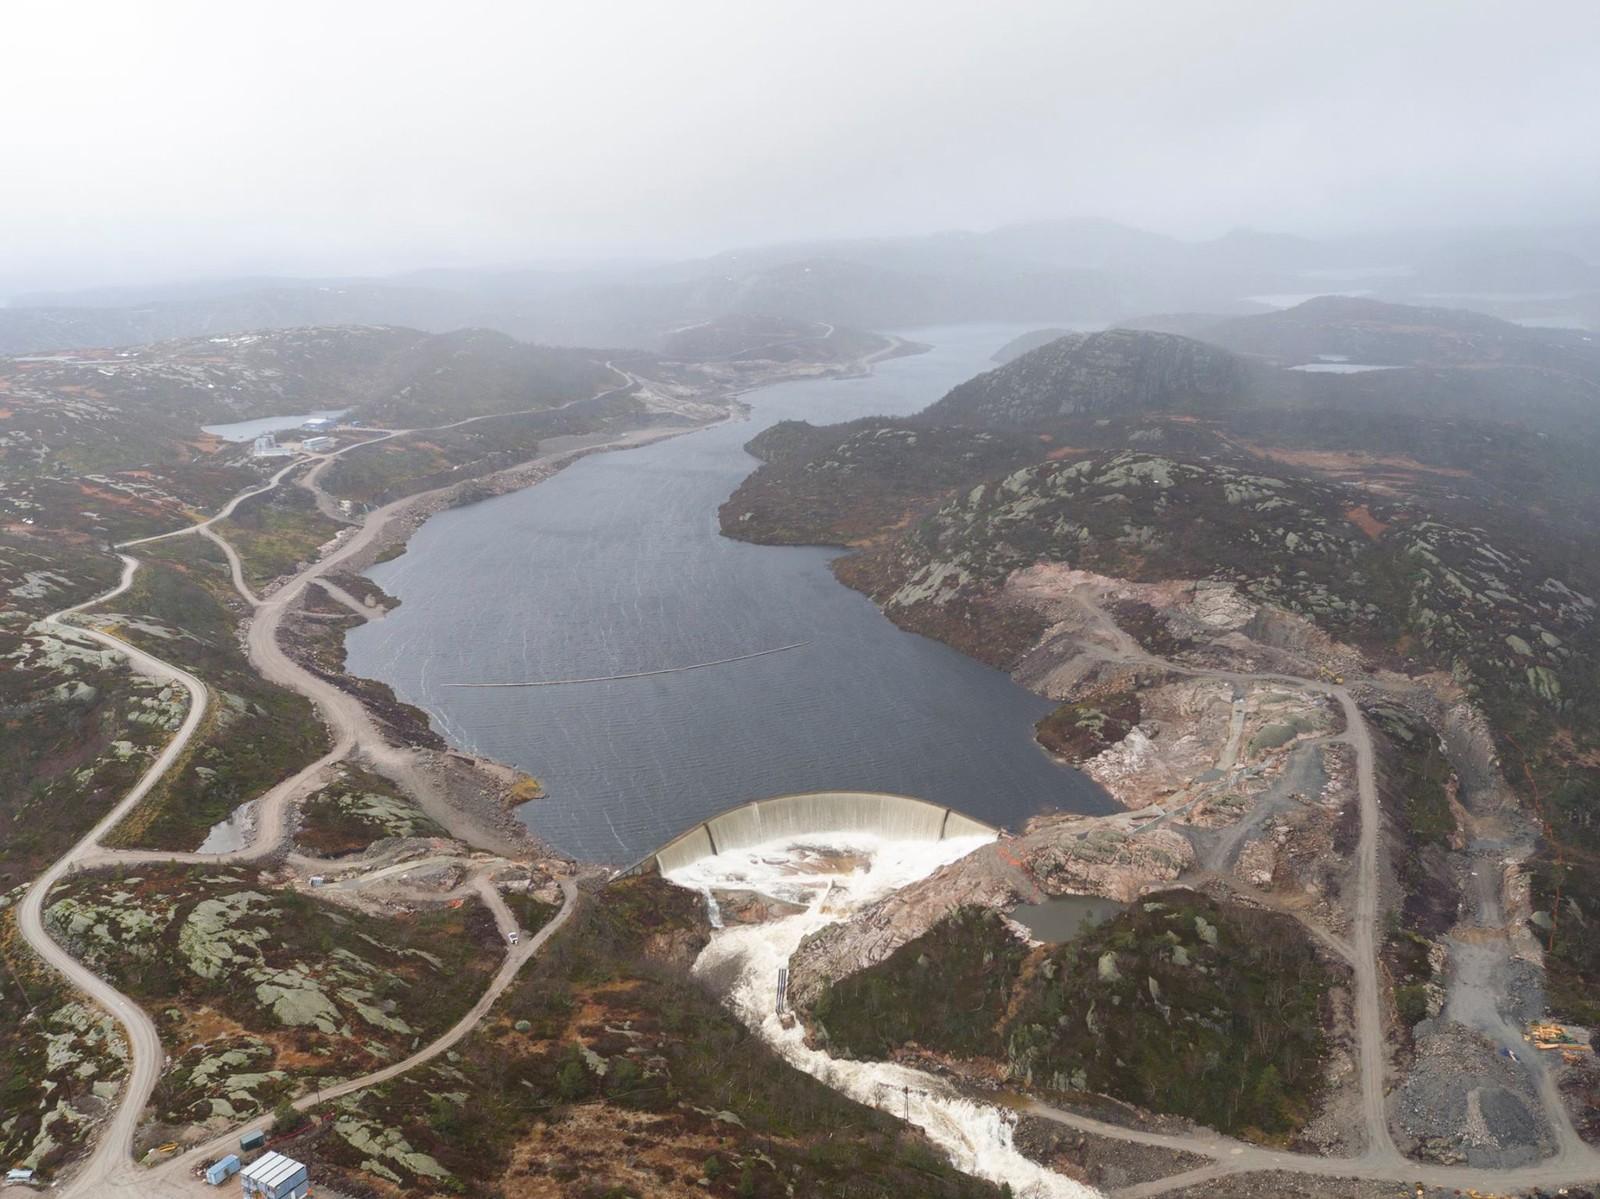 Opp mot 100 kubikkmeter vann i sekundet strømmet ned i området hvor det pågikk arbeider med dambygging, støpearbeider og lukemontasje.